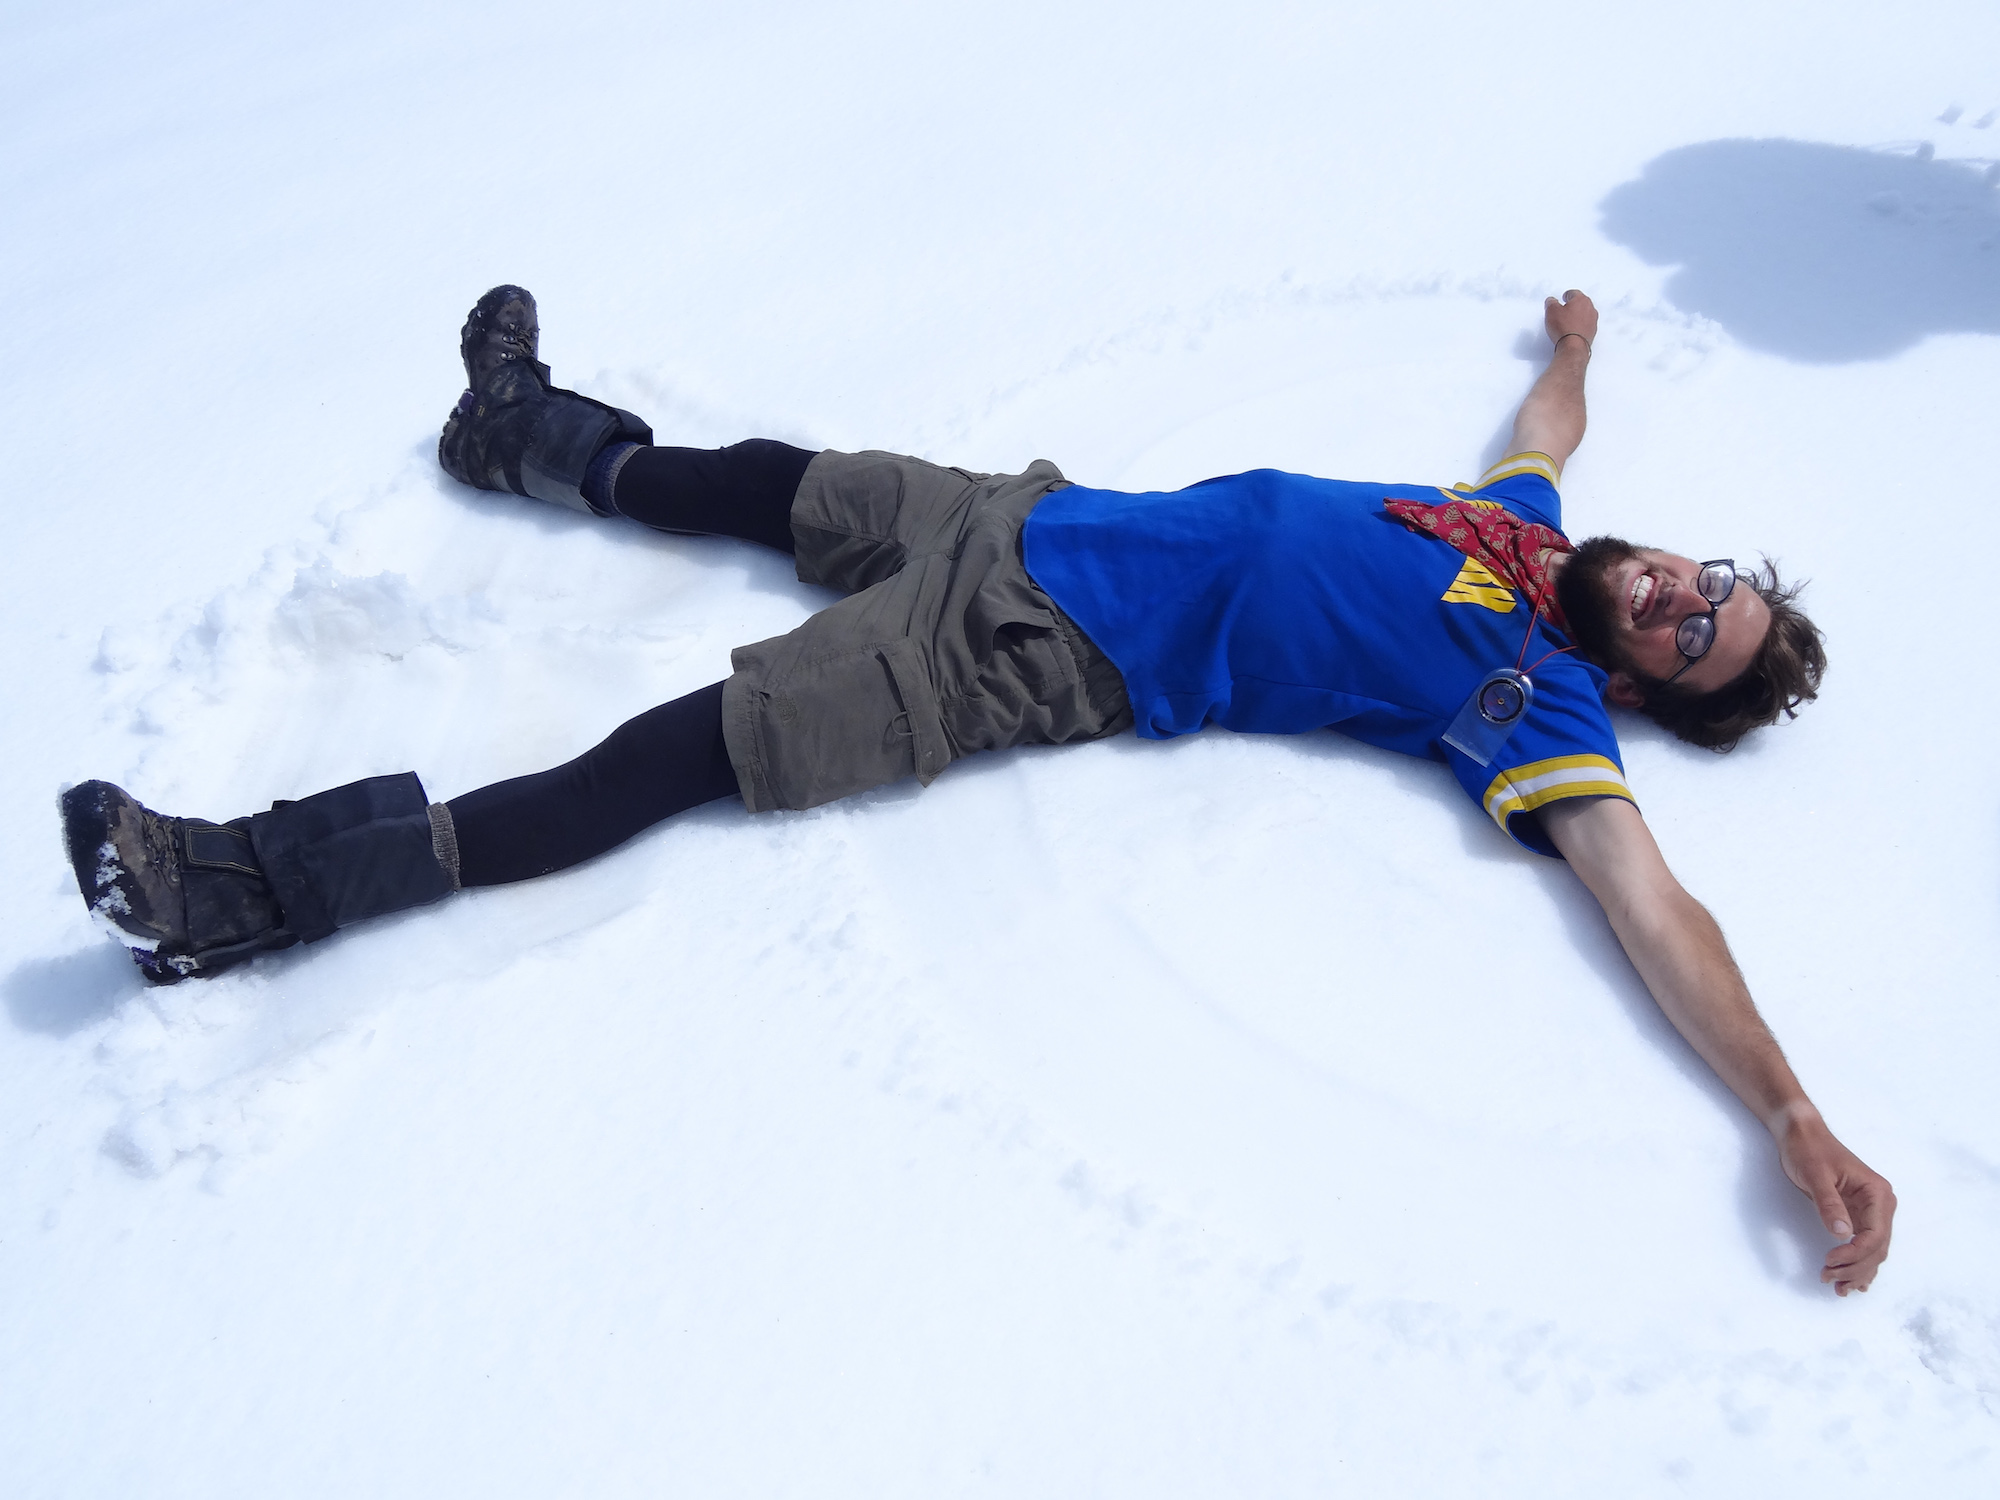 Smiling NOLS participant makes a snow angel